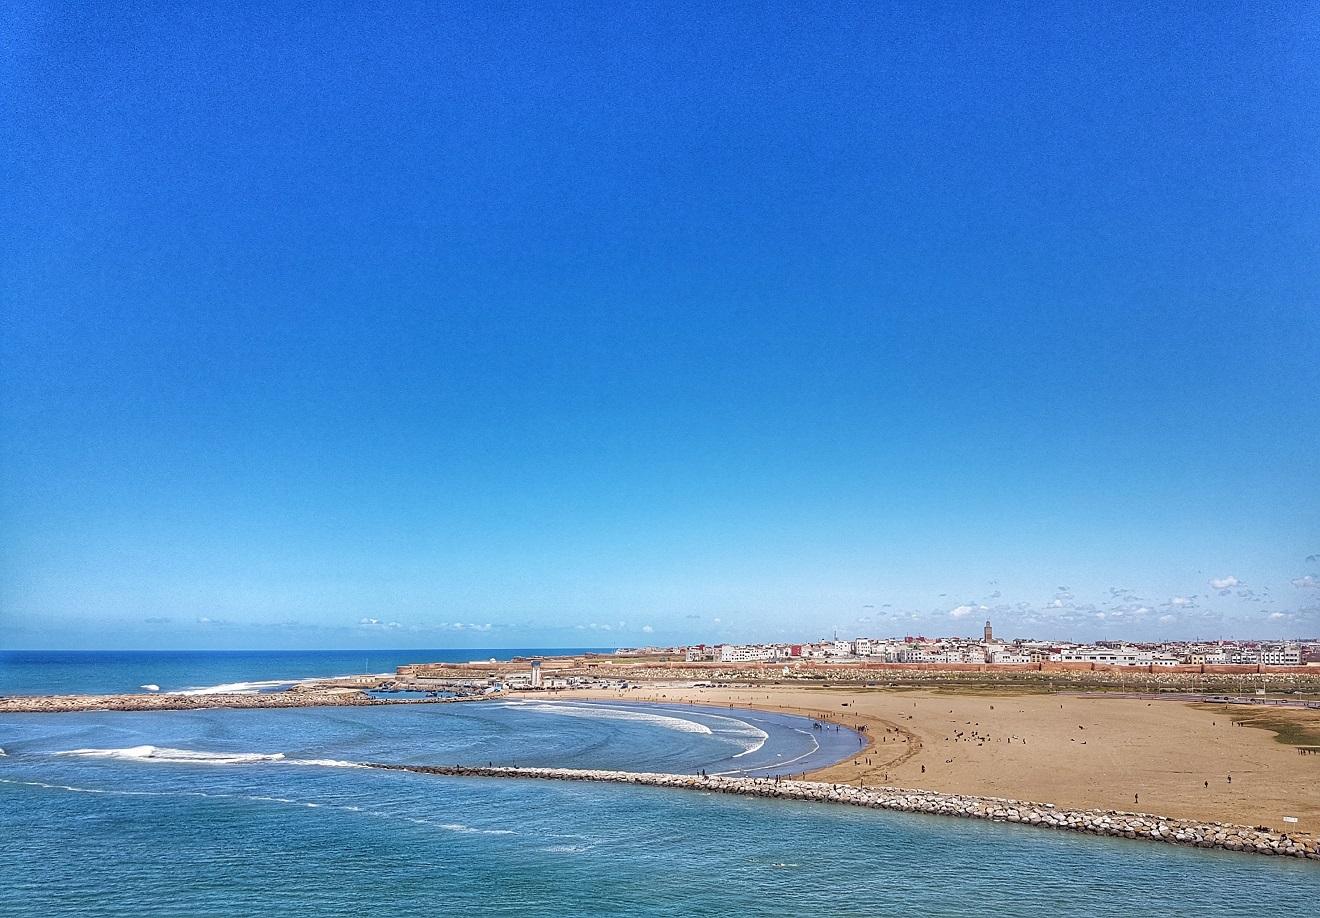 Atlantic ocean, rabat , morocco, maroko, atlantik